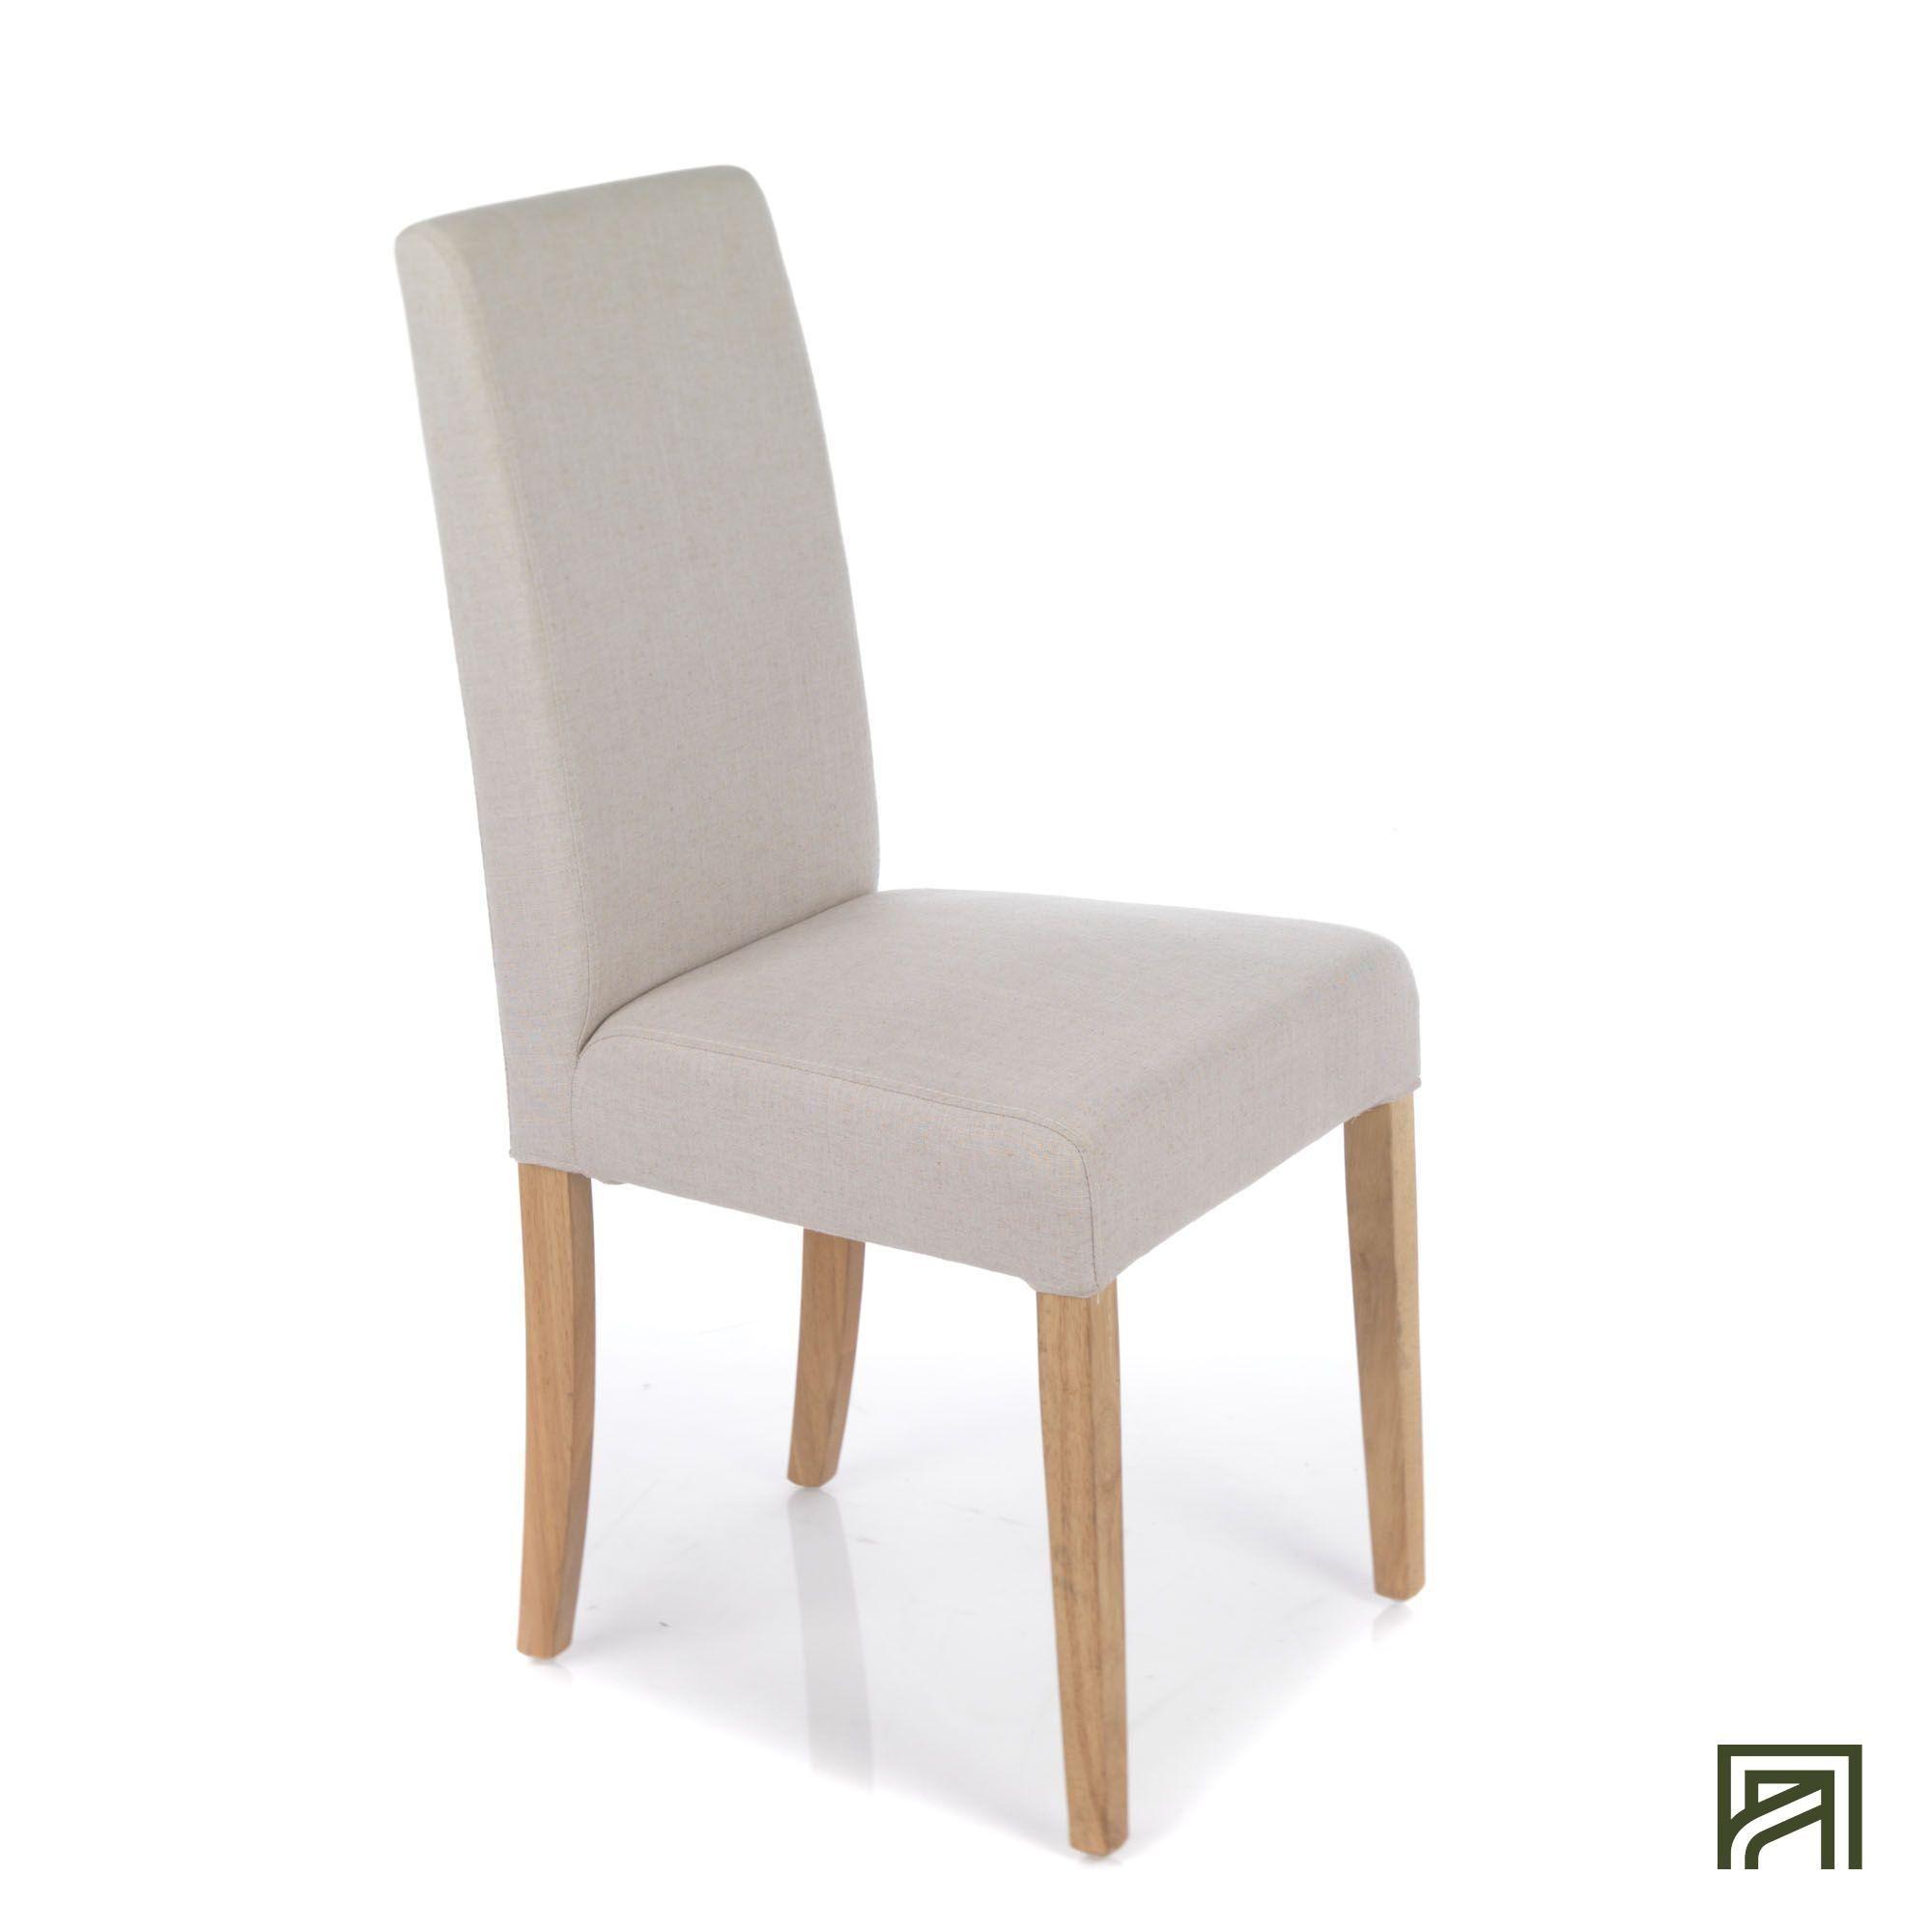 Chaises Alinea Salle A Manger alinea : monroe chaise avec housse beige déhoussable